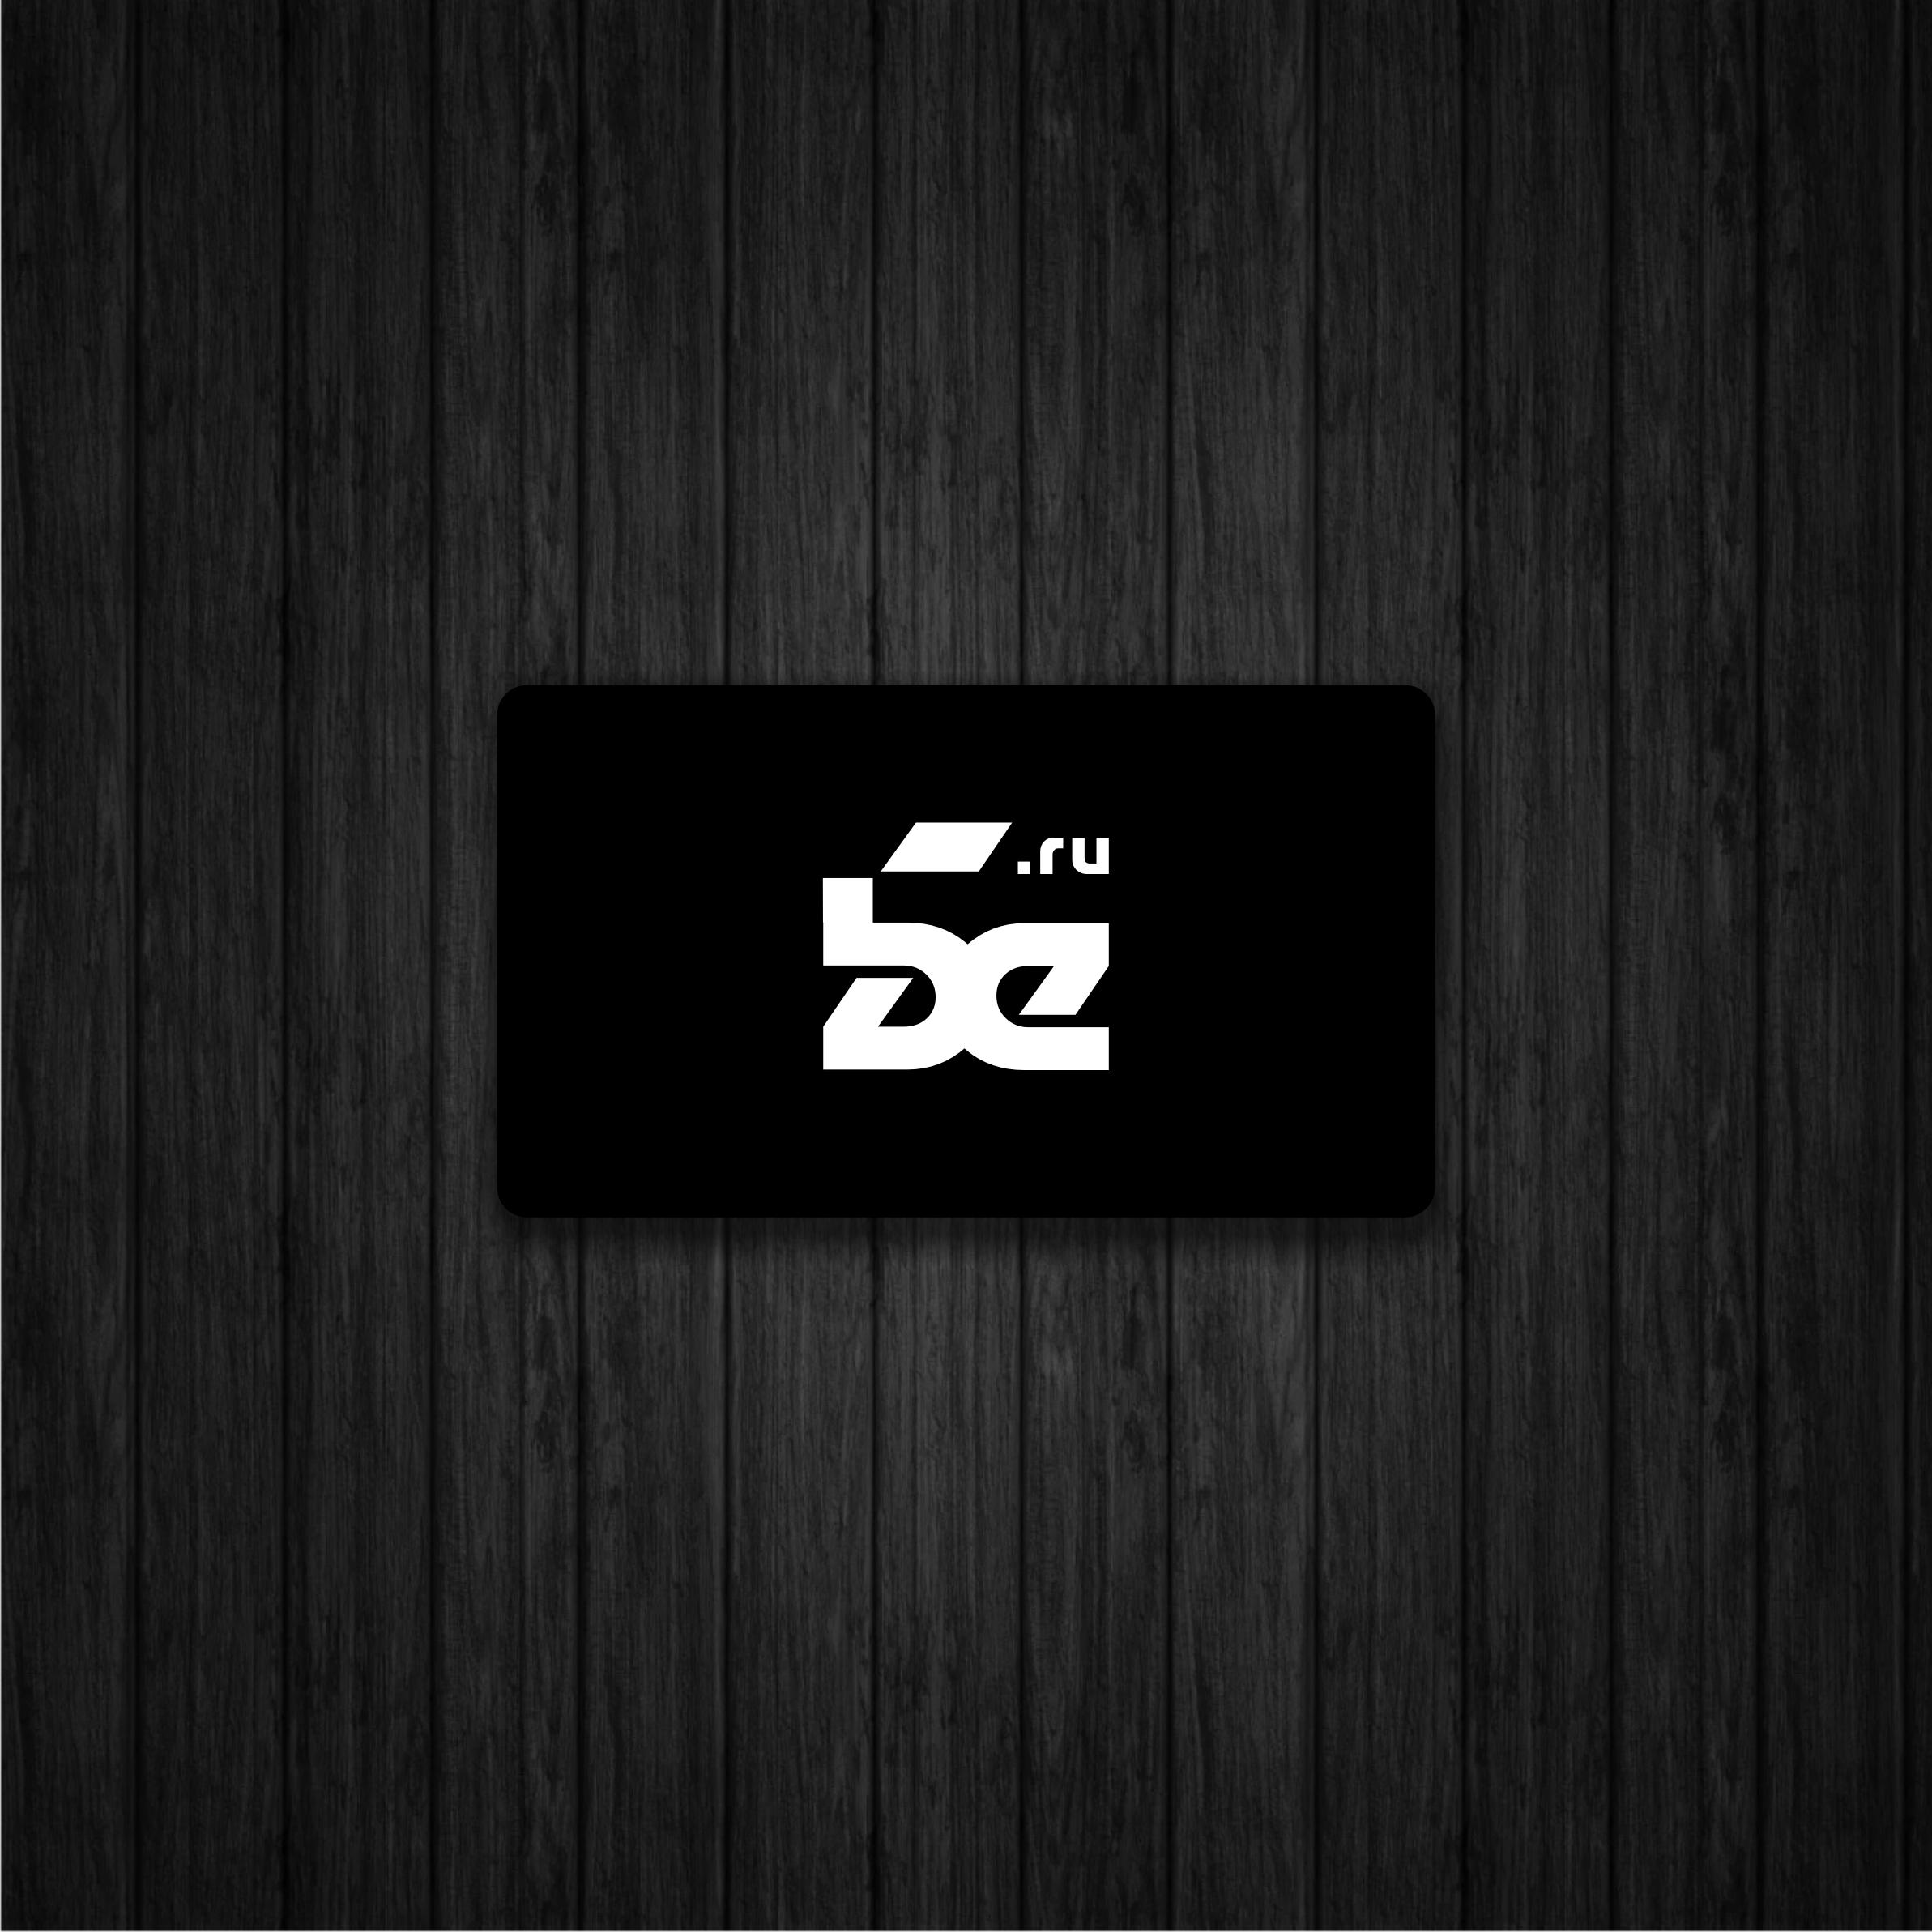 Нарисовать логотип для группы компаний  фото f_7665cdb9ec452f3a.jpg